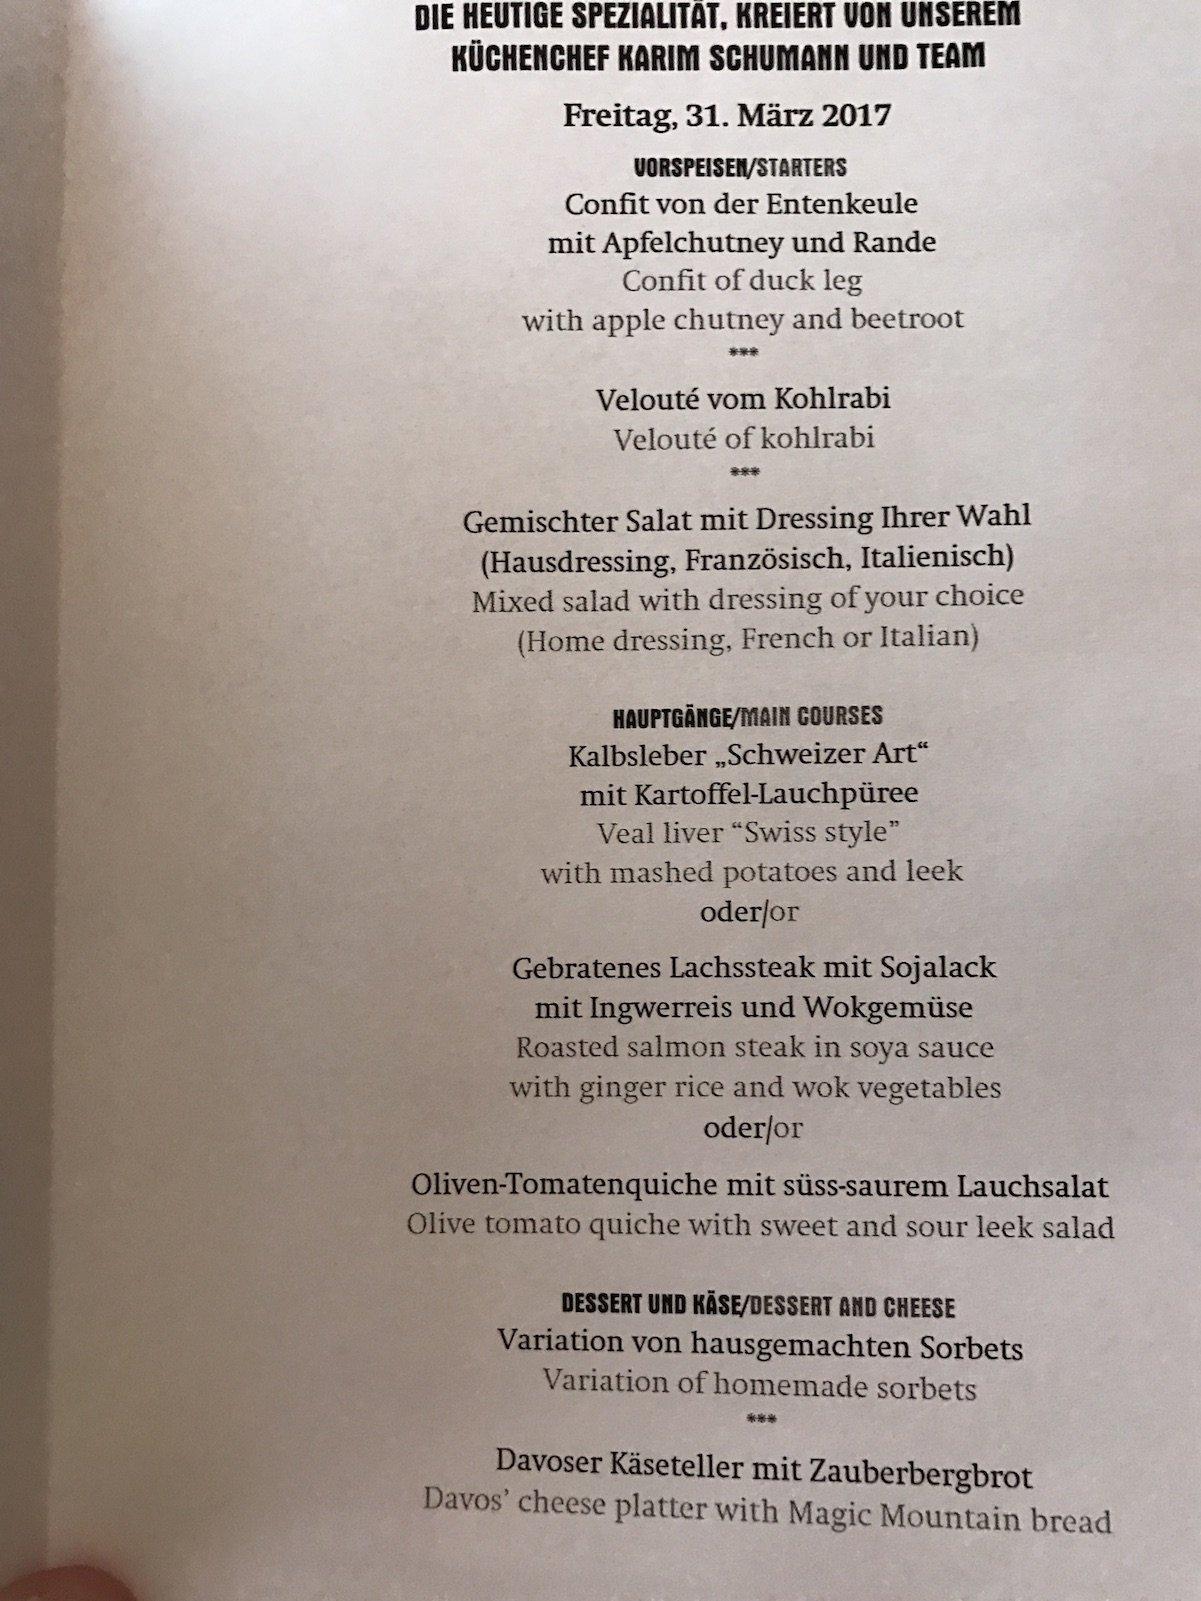 Menüauswahl am ersten Abend im Waldhotel Davos